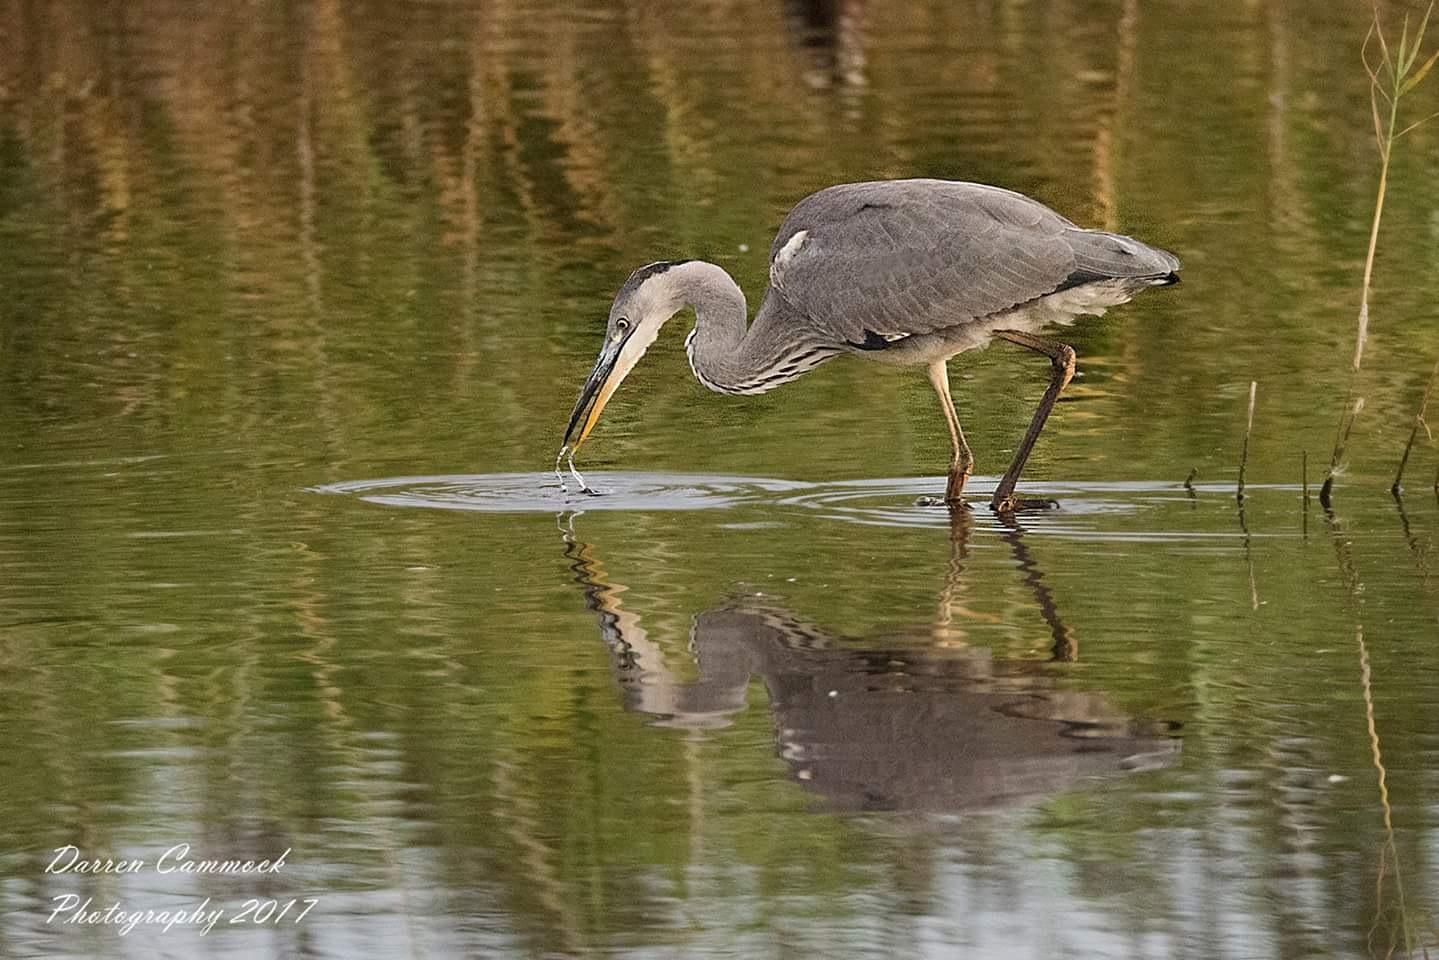 Heron by darrencammock